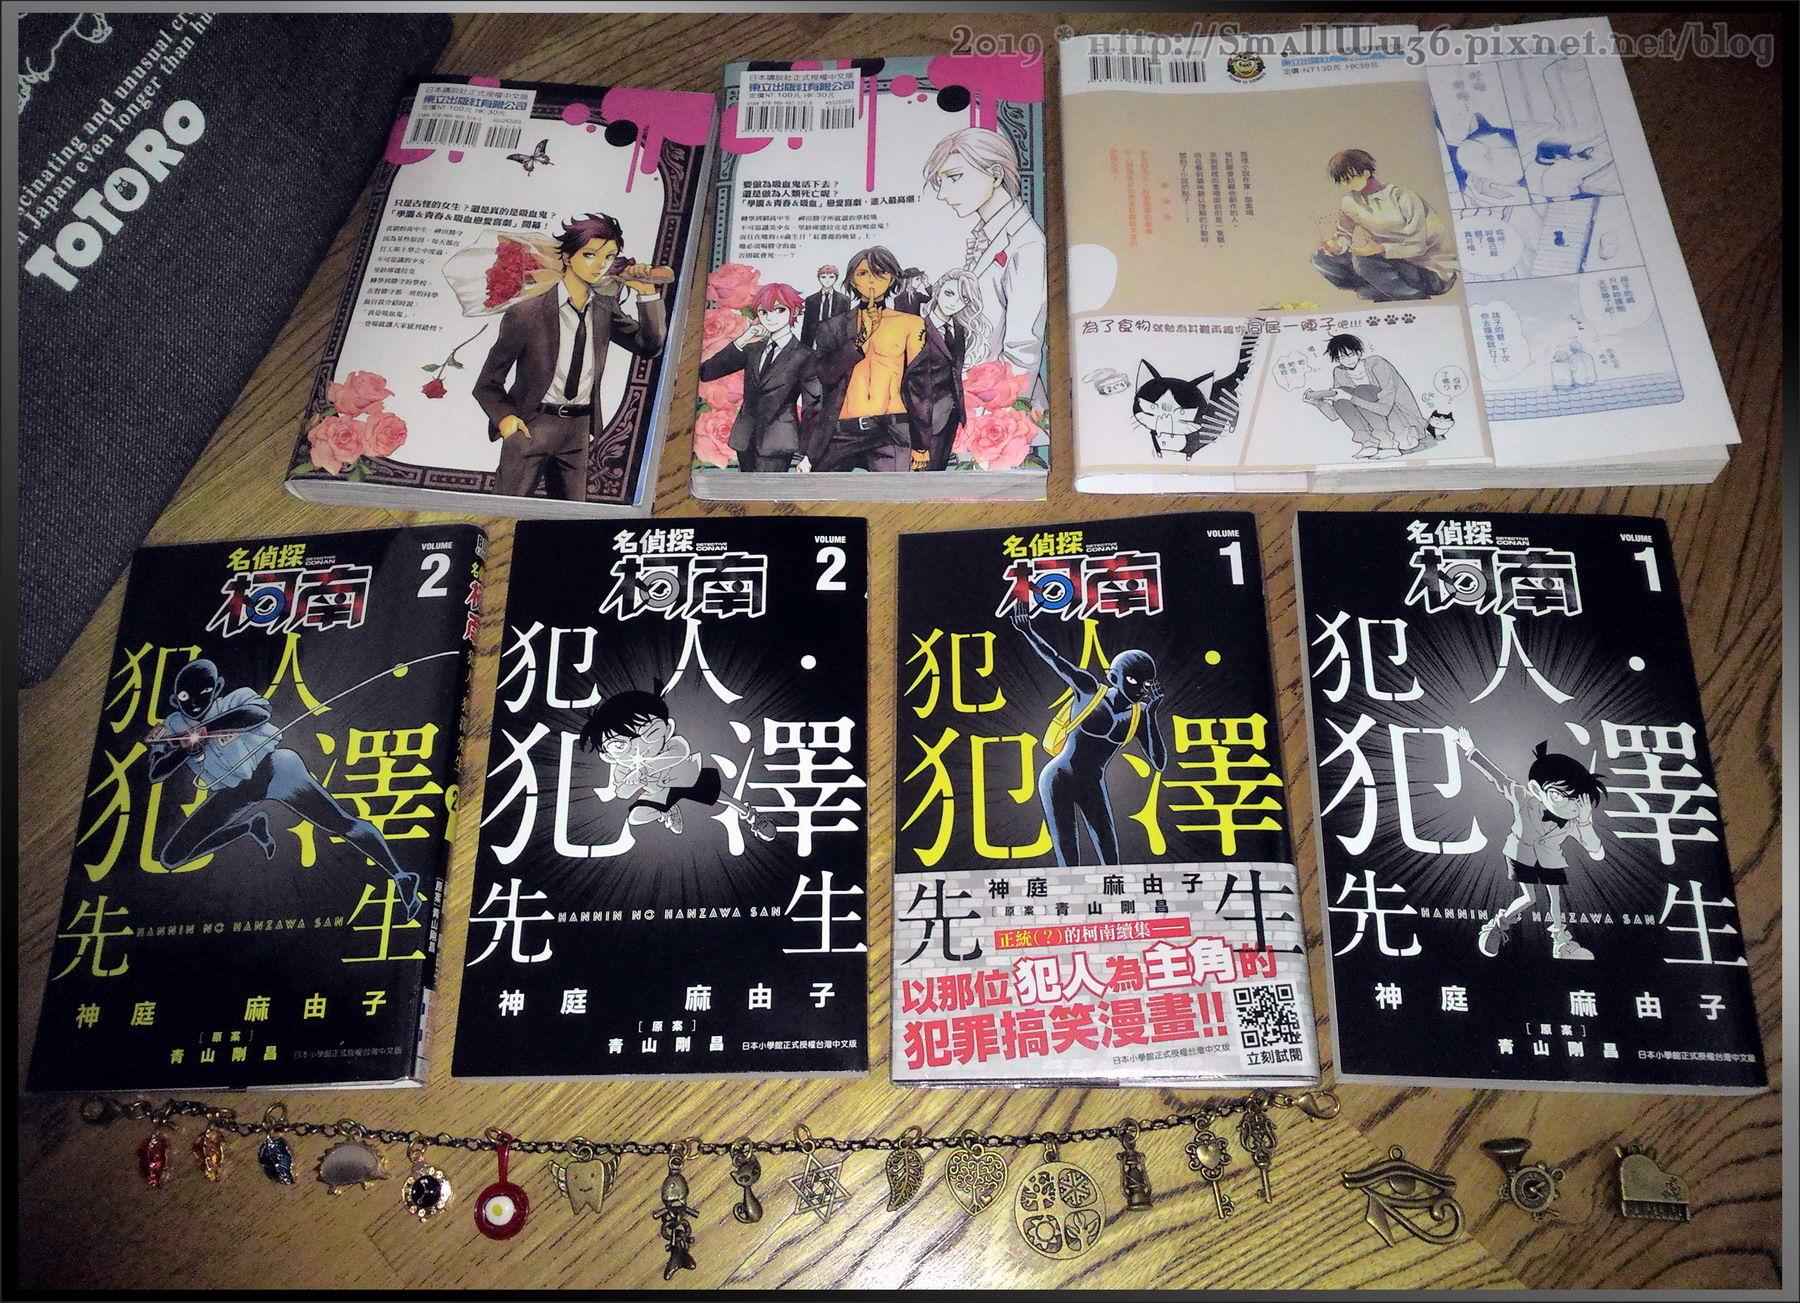 神庭麻由子-名偵探柯南犯人-犯澤先生1-2, 霜月加代子-吸血鬼的晚宴 2完, 二ツ家あす-同居人有時在腿上_有時在頭上.jpg